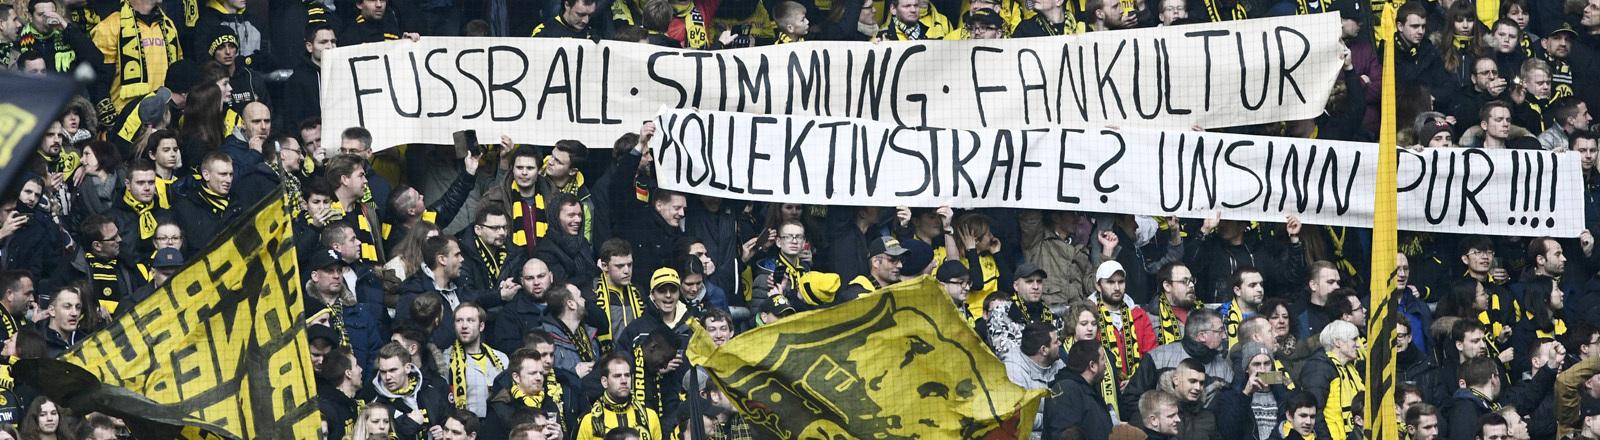 BVB Fans im eigentlichen Gästeblock auf der Nordtribüne des Stadions mit Spruchbändern.